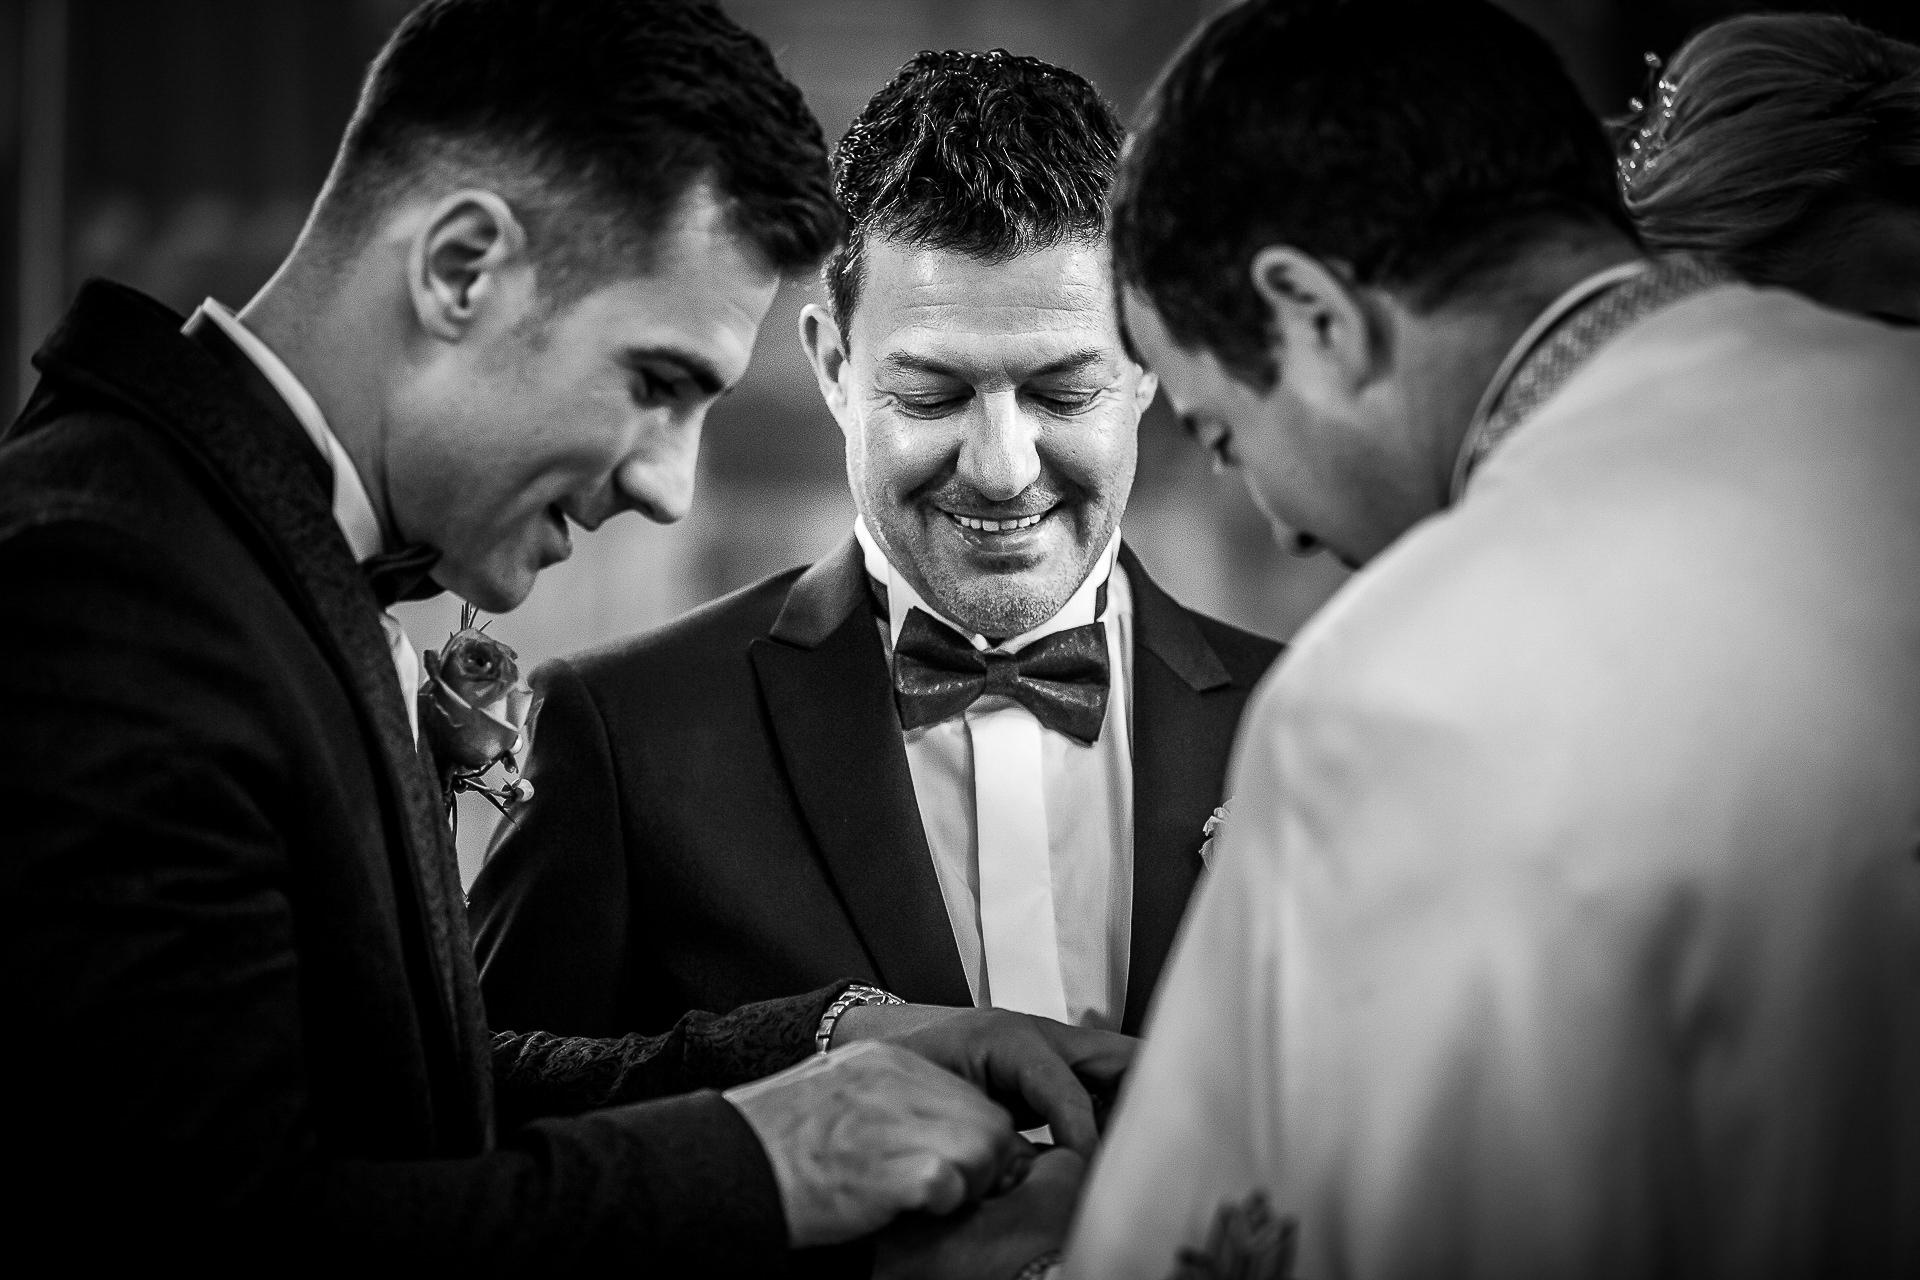 Fotograf nuntă Bucureşti - Biserica Militara Sfântul Mina + Metropolitan Club and Events - Marinela şi Pasquale - Mihai Zaharia Photography - 28